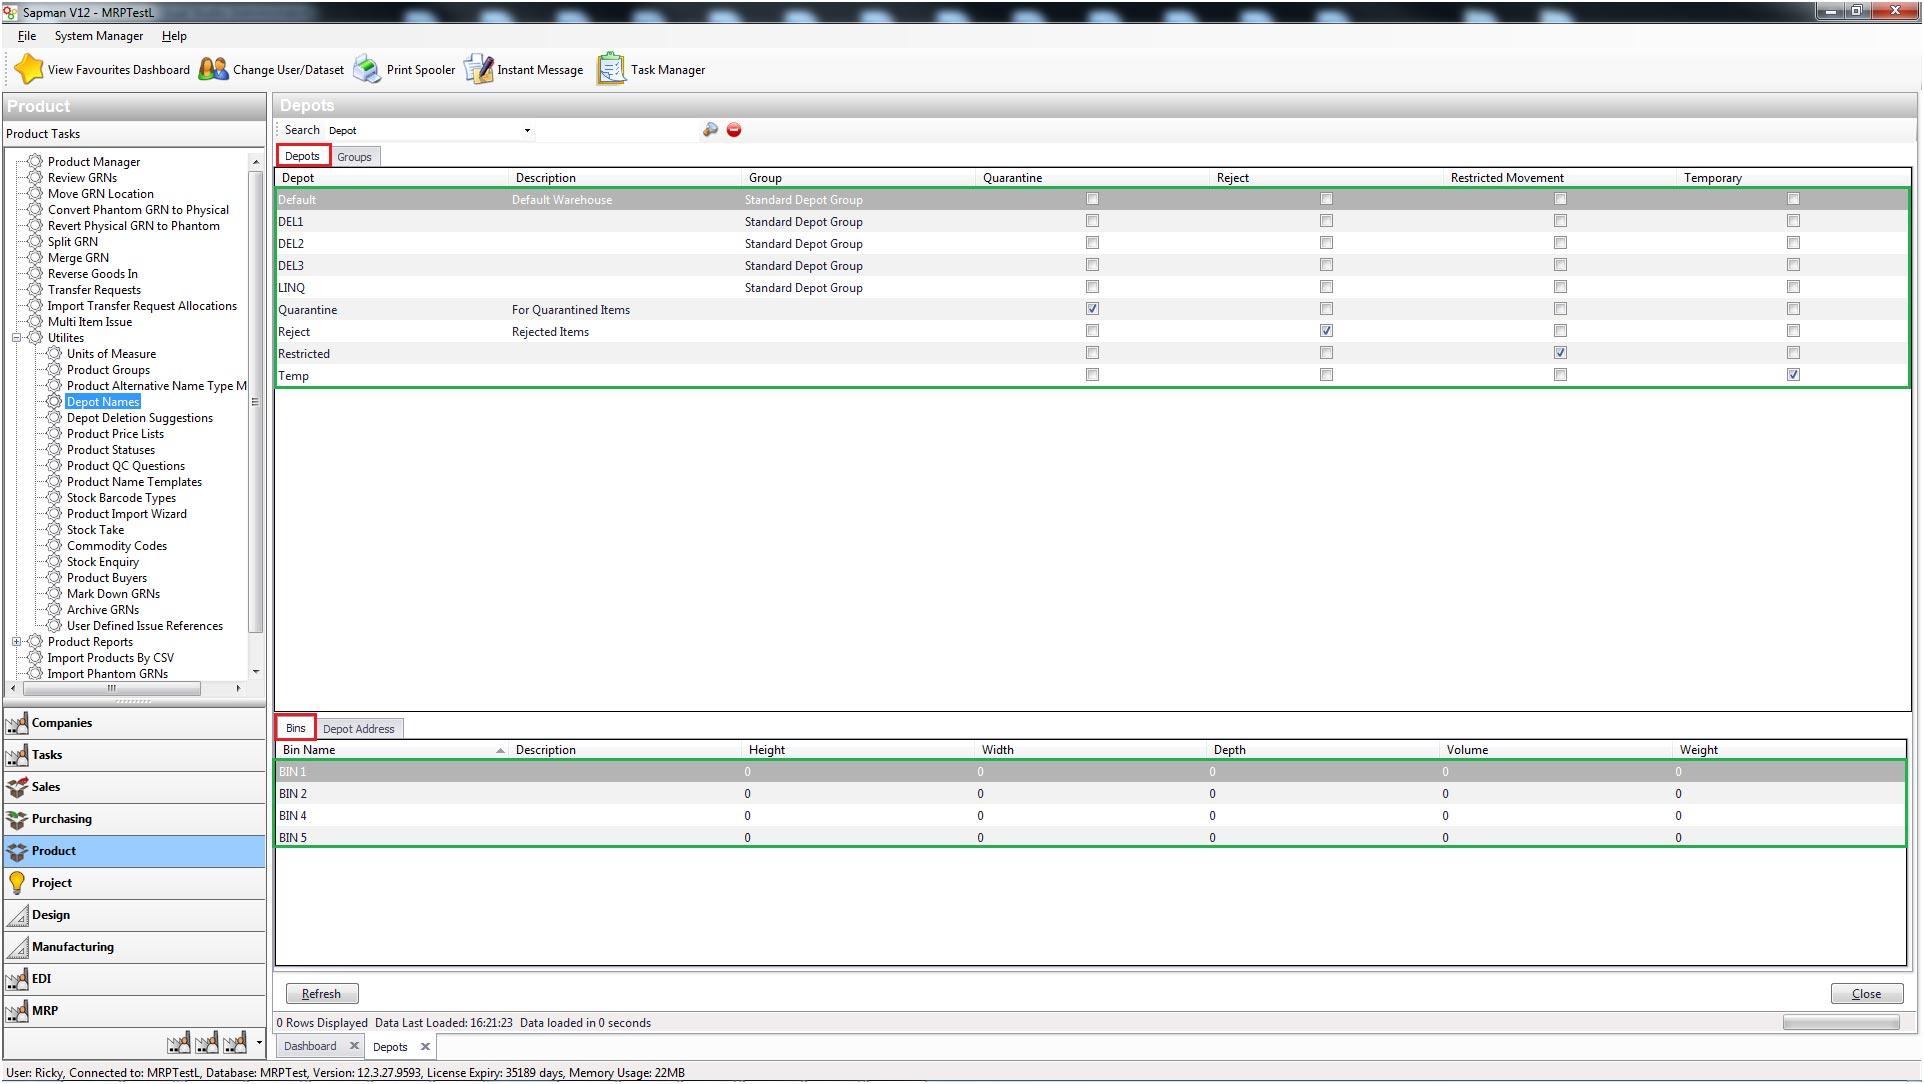 Sapman v12 Depot Names screen